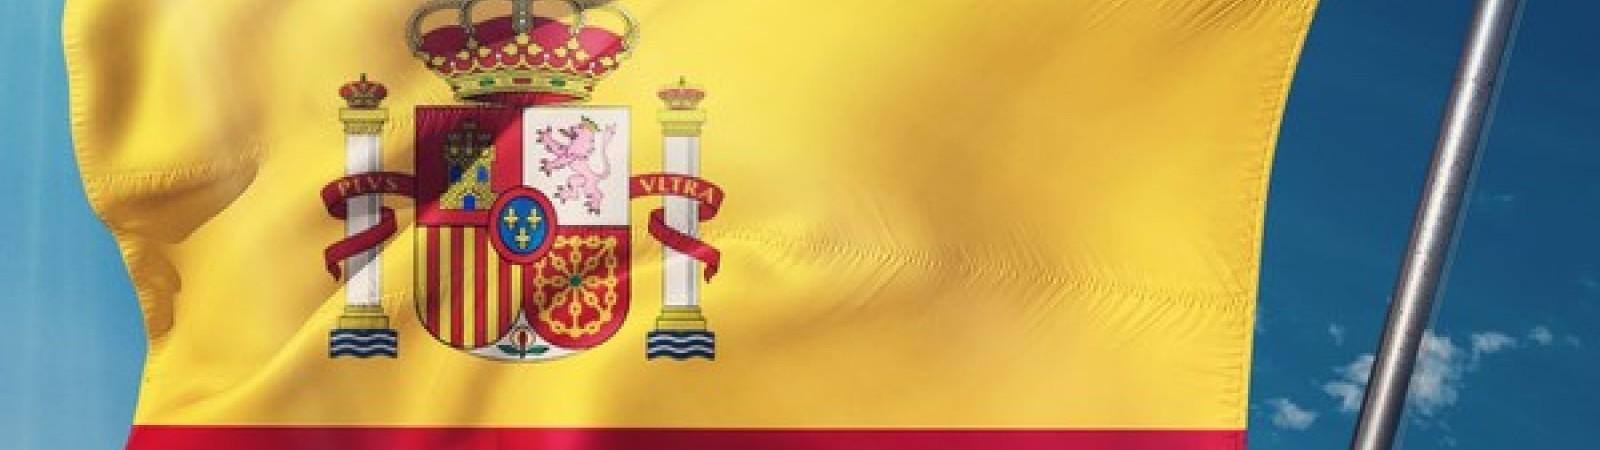 Corso Online di Spagnolo su Misura 3 Mesi